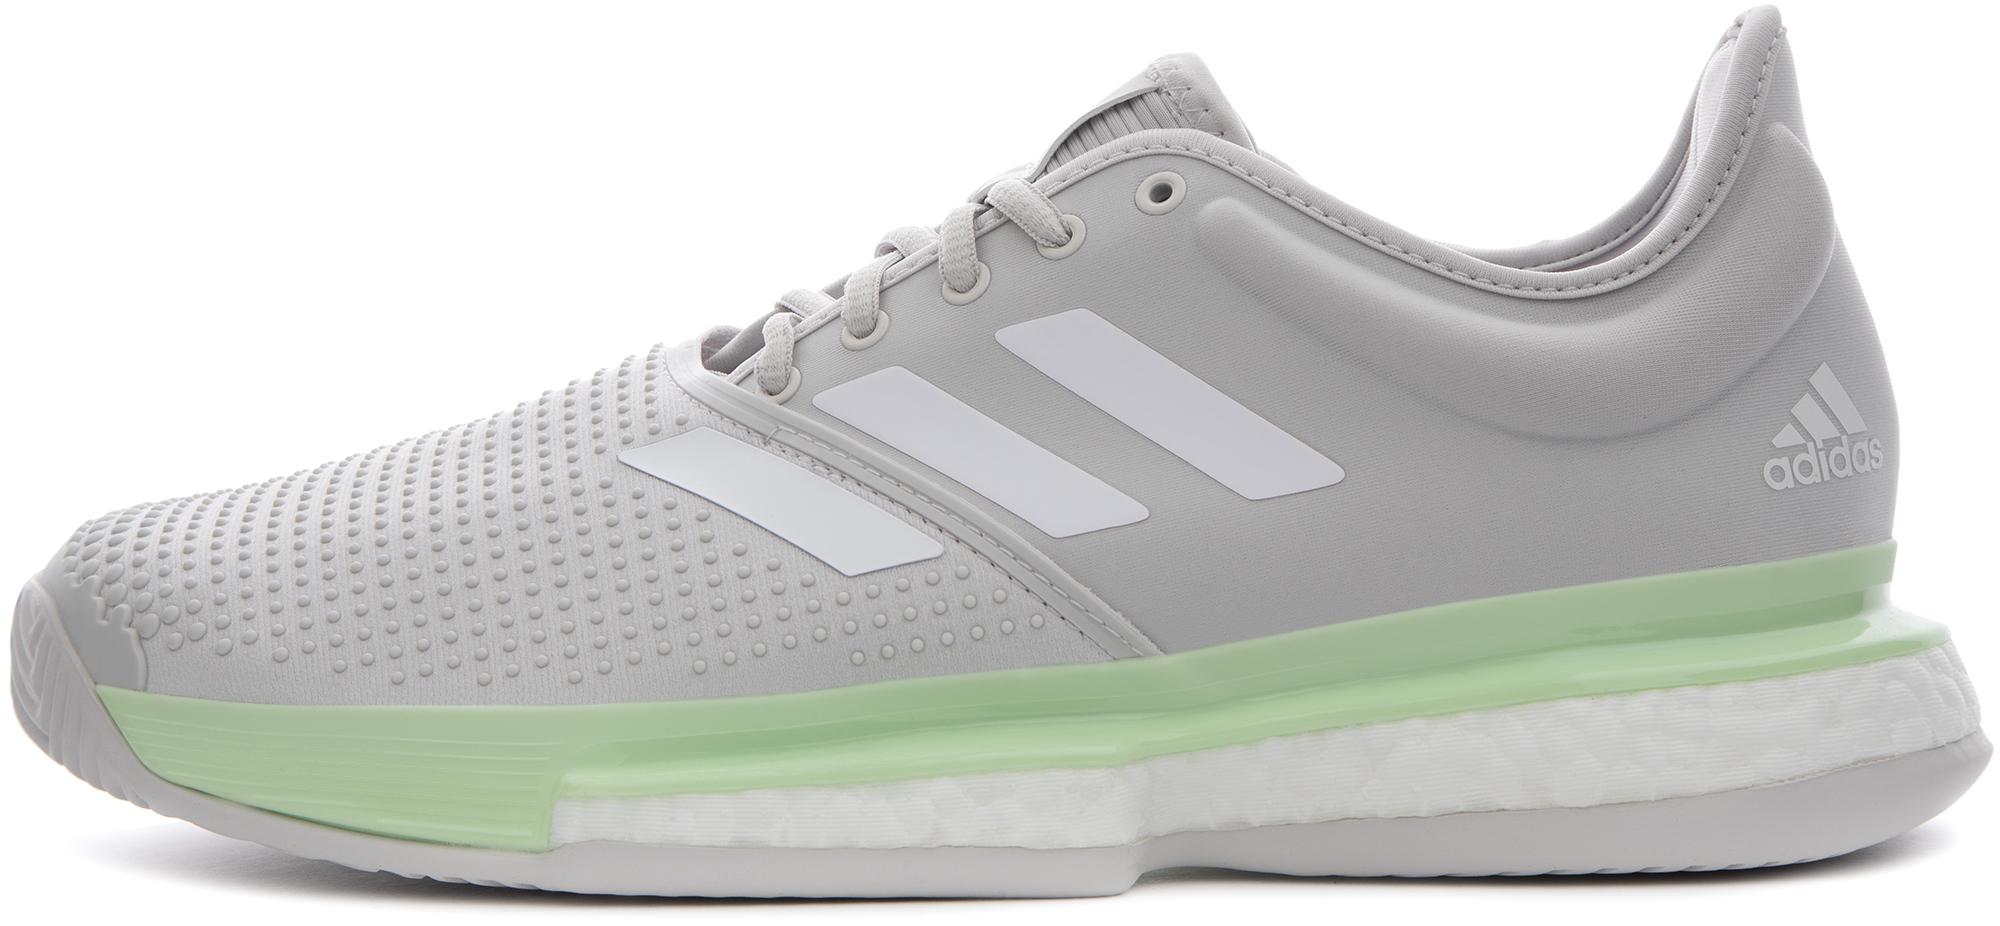 Adidas Кроссовки женские Adidas SoleCourt Boost, размер 42 баскетбольные кроссовки adidas rose boost rose derrick